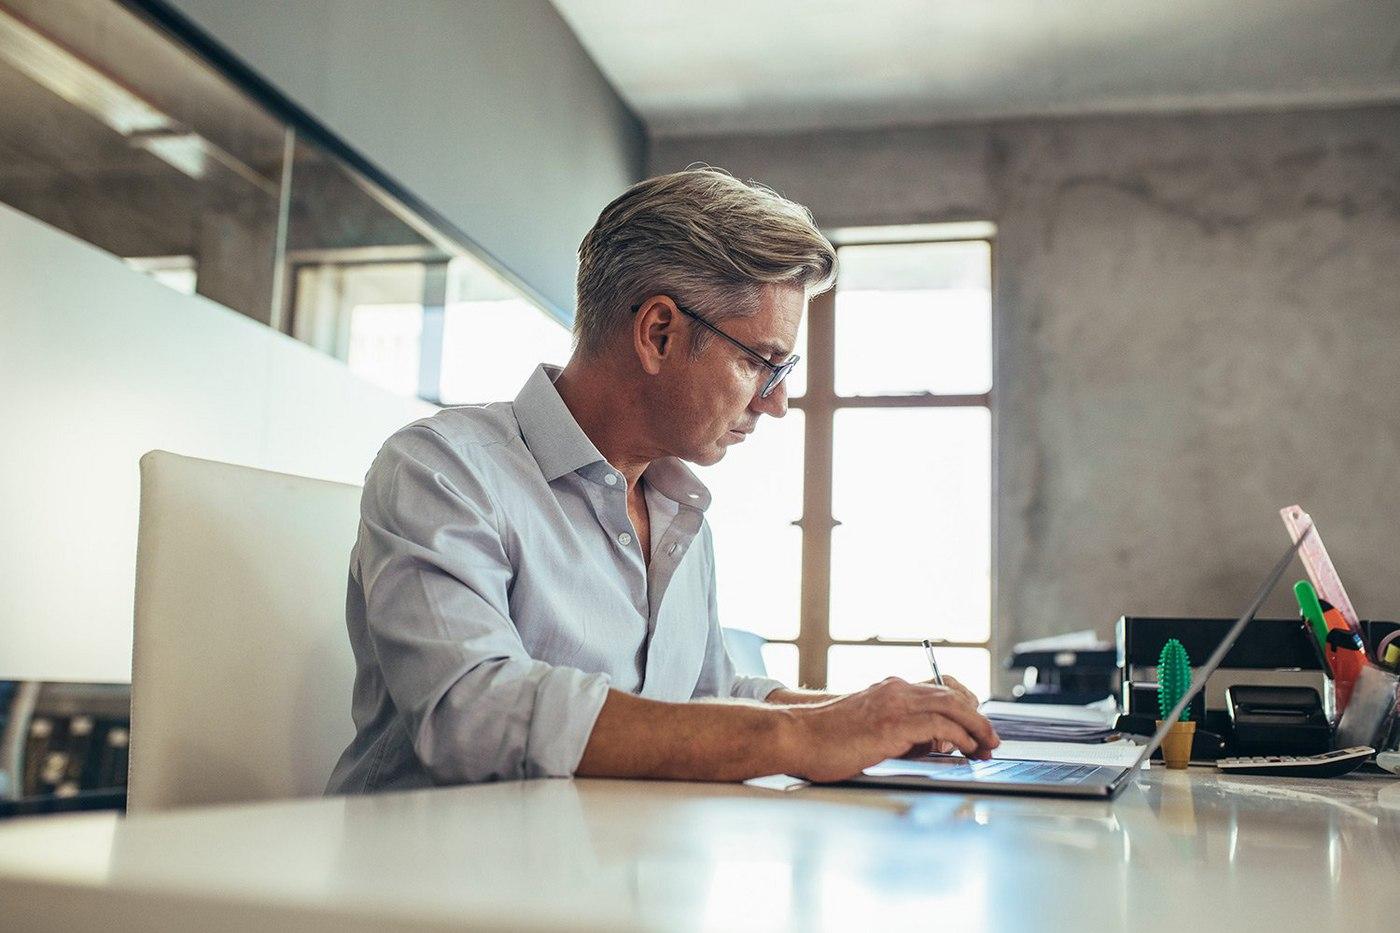 business-man-at-desk